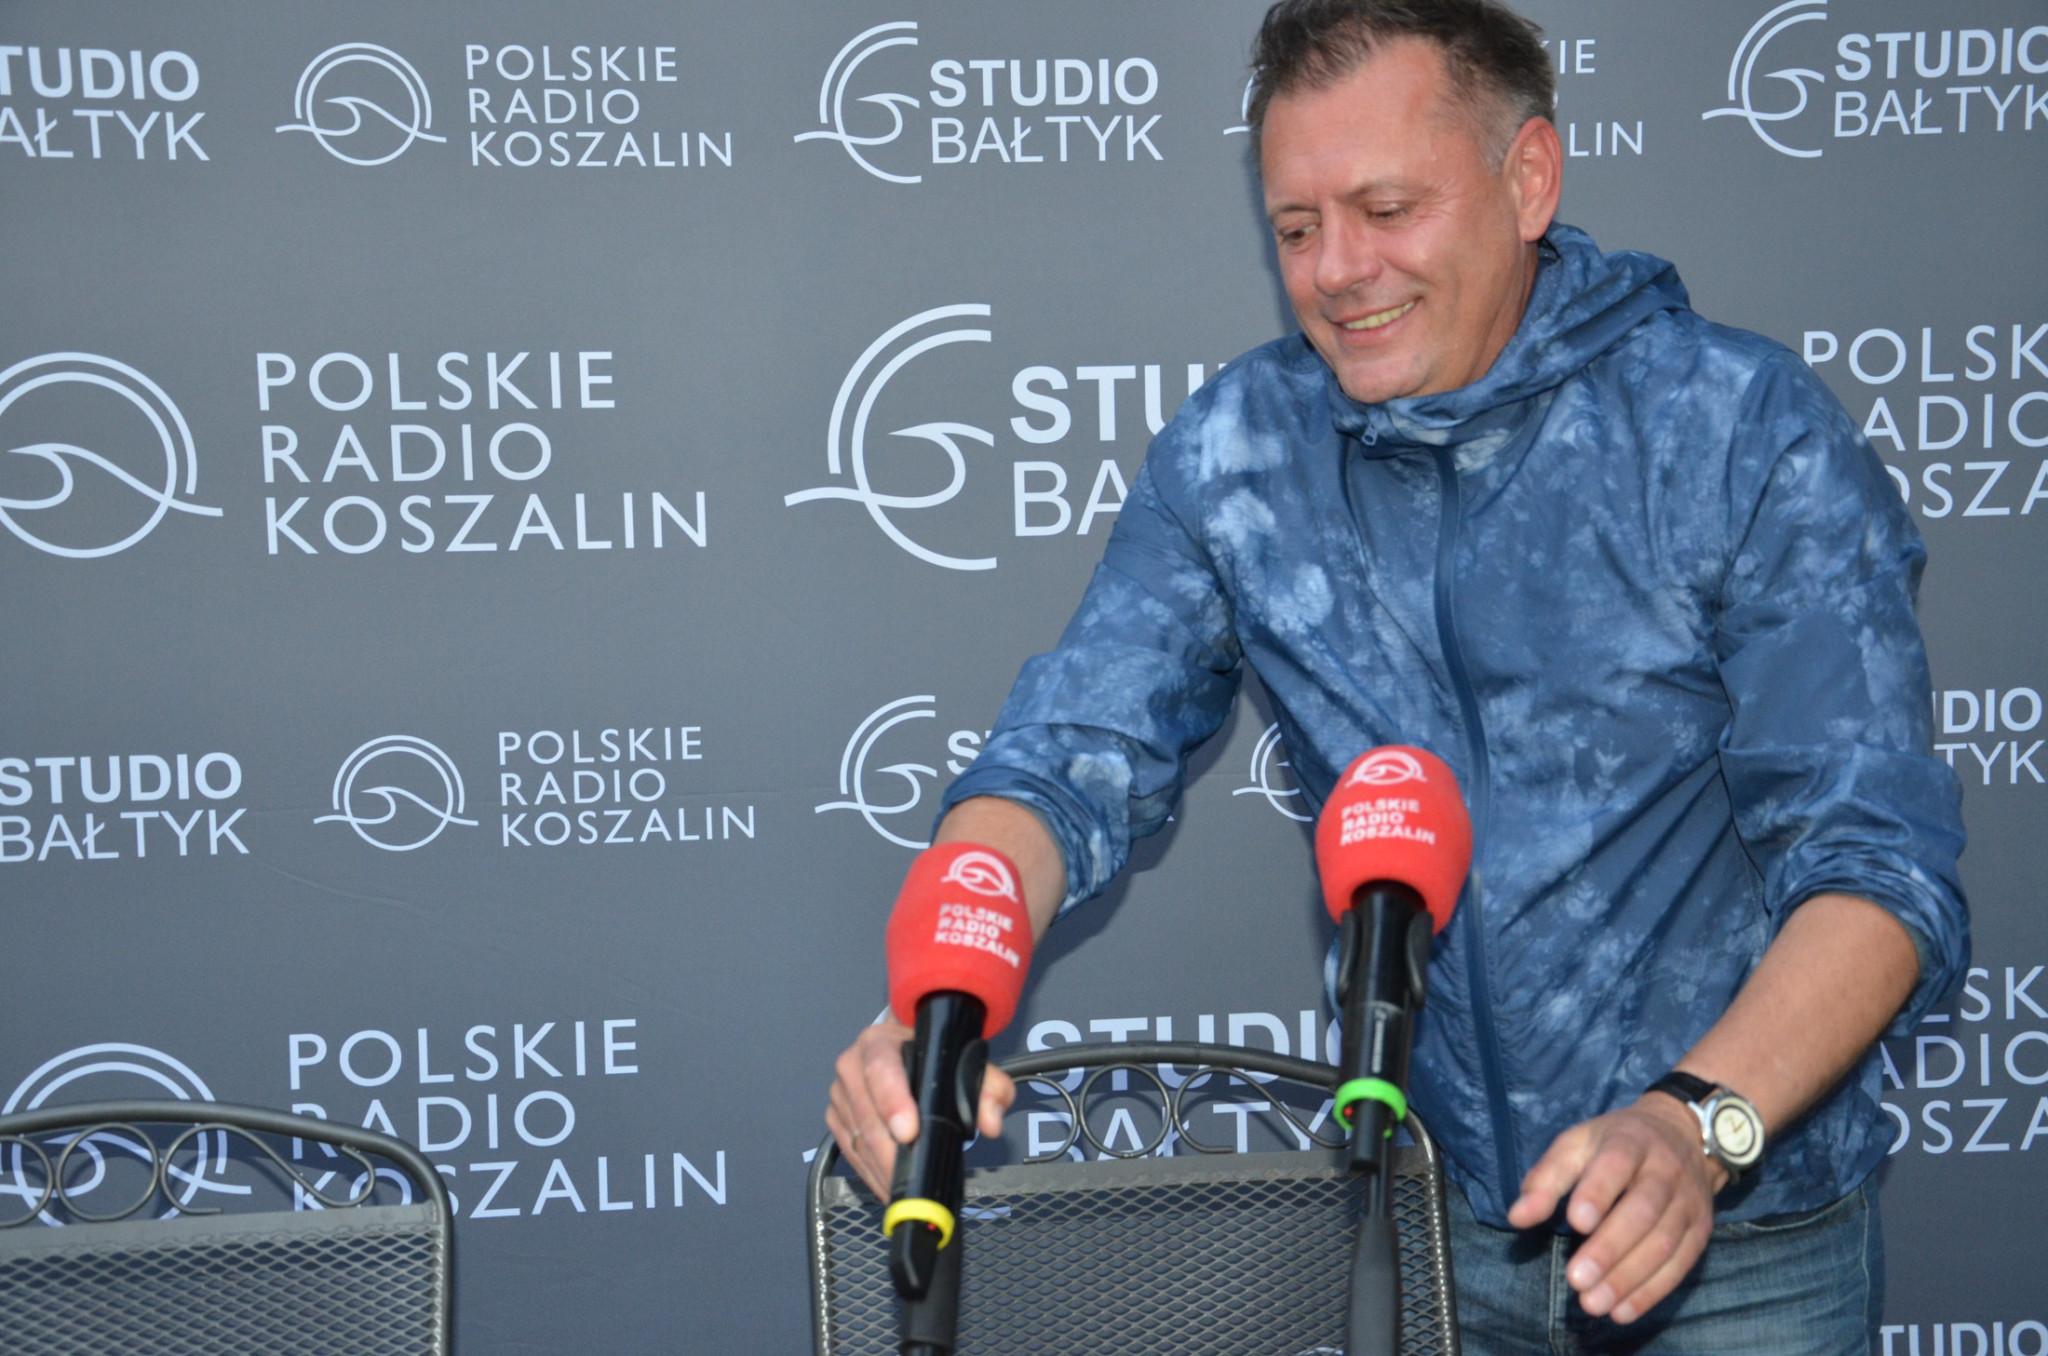 Szef Radia Koszalin Piotr Ostrowski w roli gospodarza